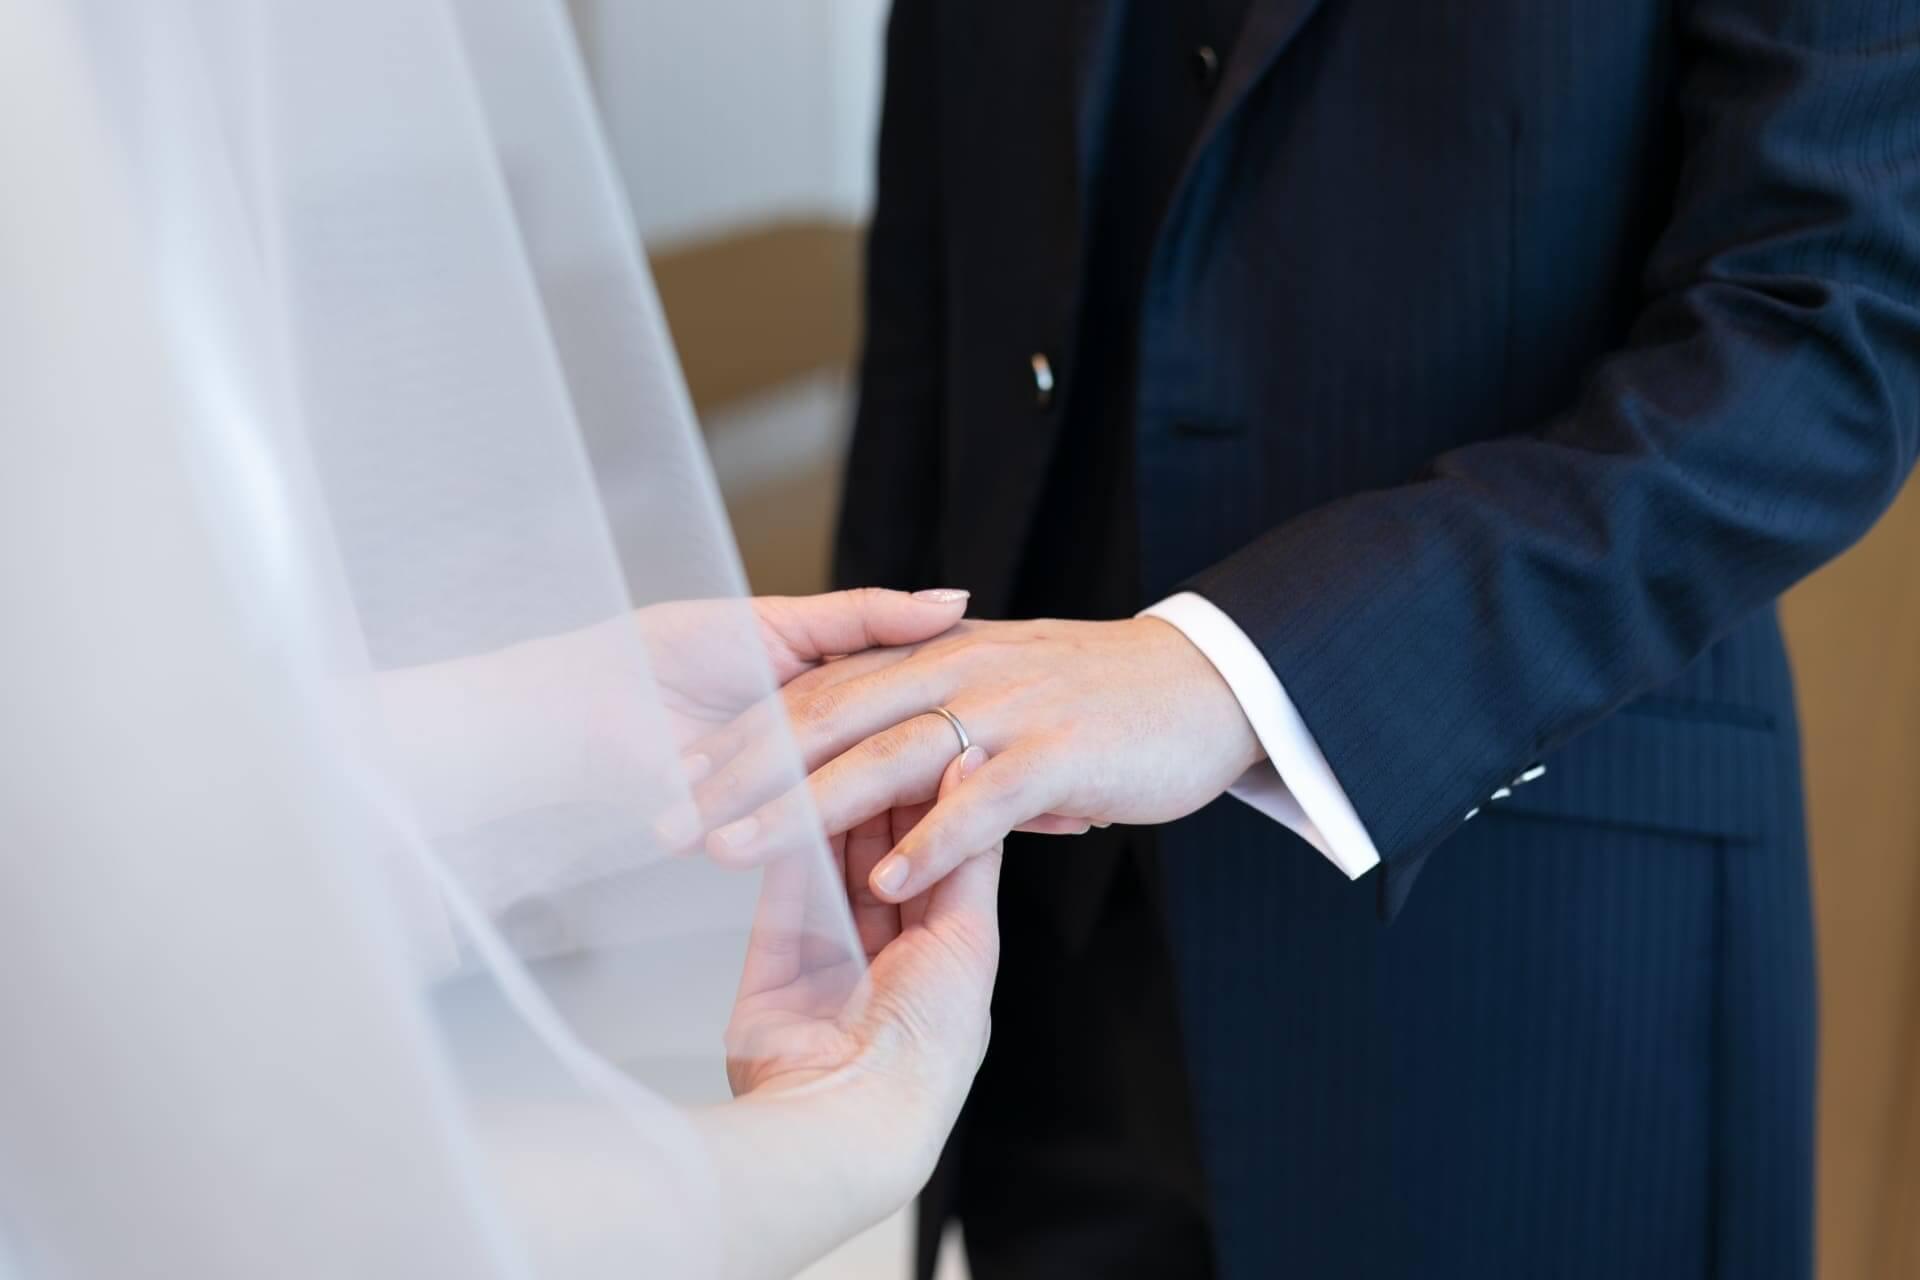 結婚相手占い|心当たりはある?あなたの結婚相手の姿、二人の出会い